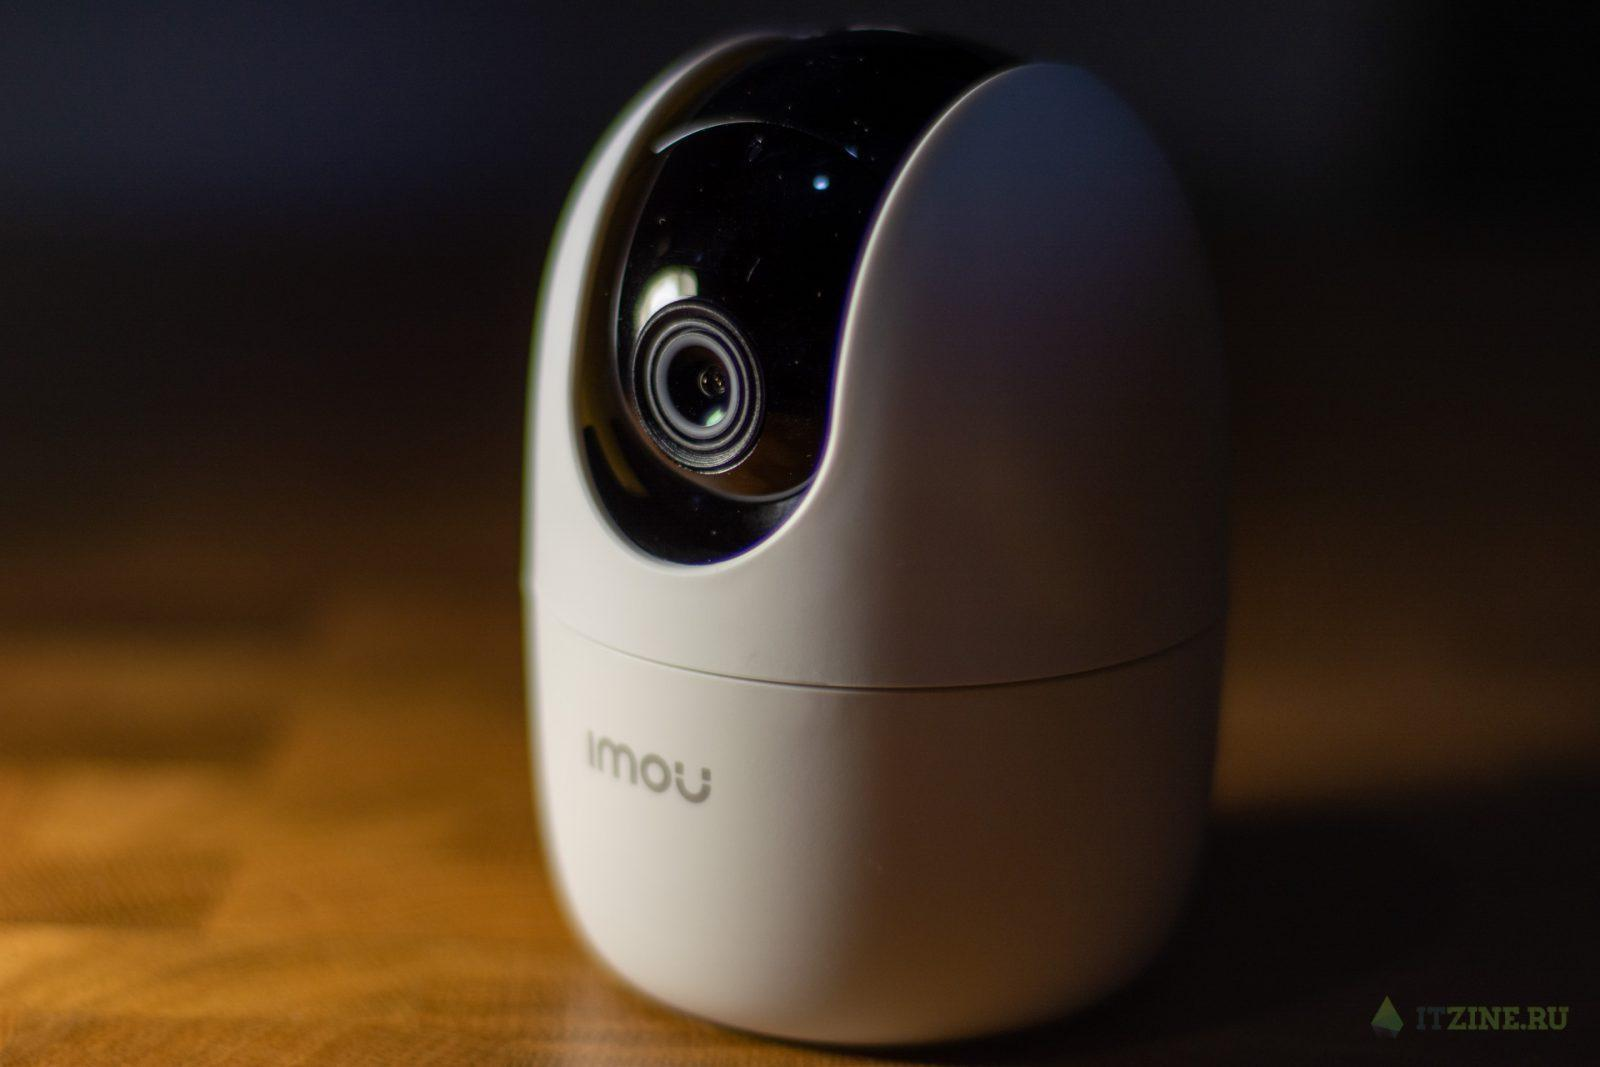 Обзор камеры IMOU Ranger 2. Дом под присмотром (Imou Ranger2 06)